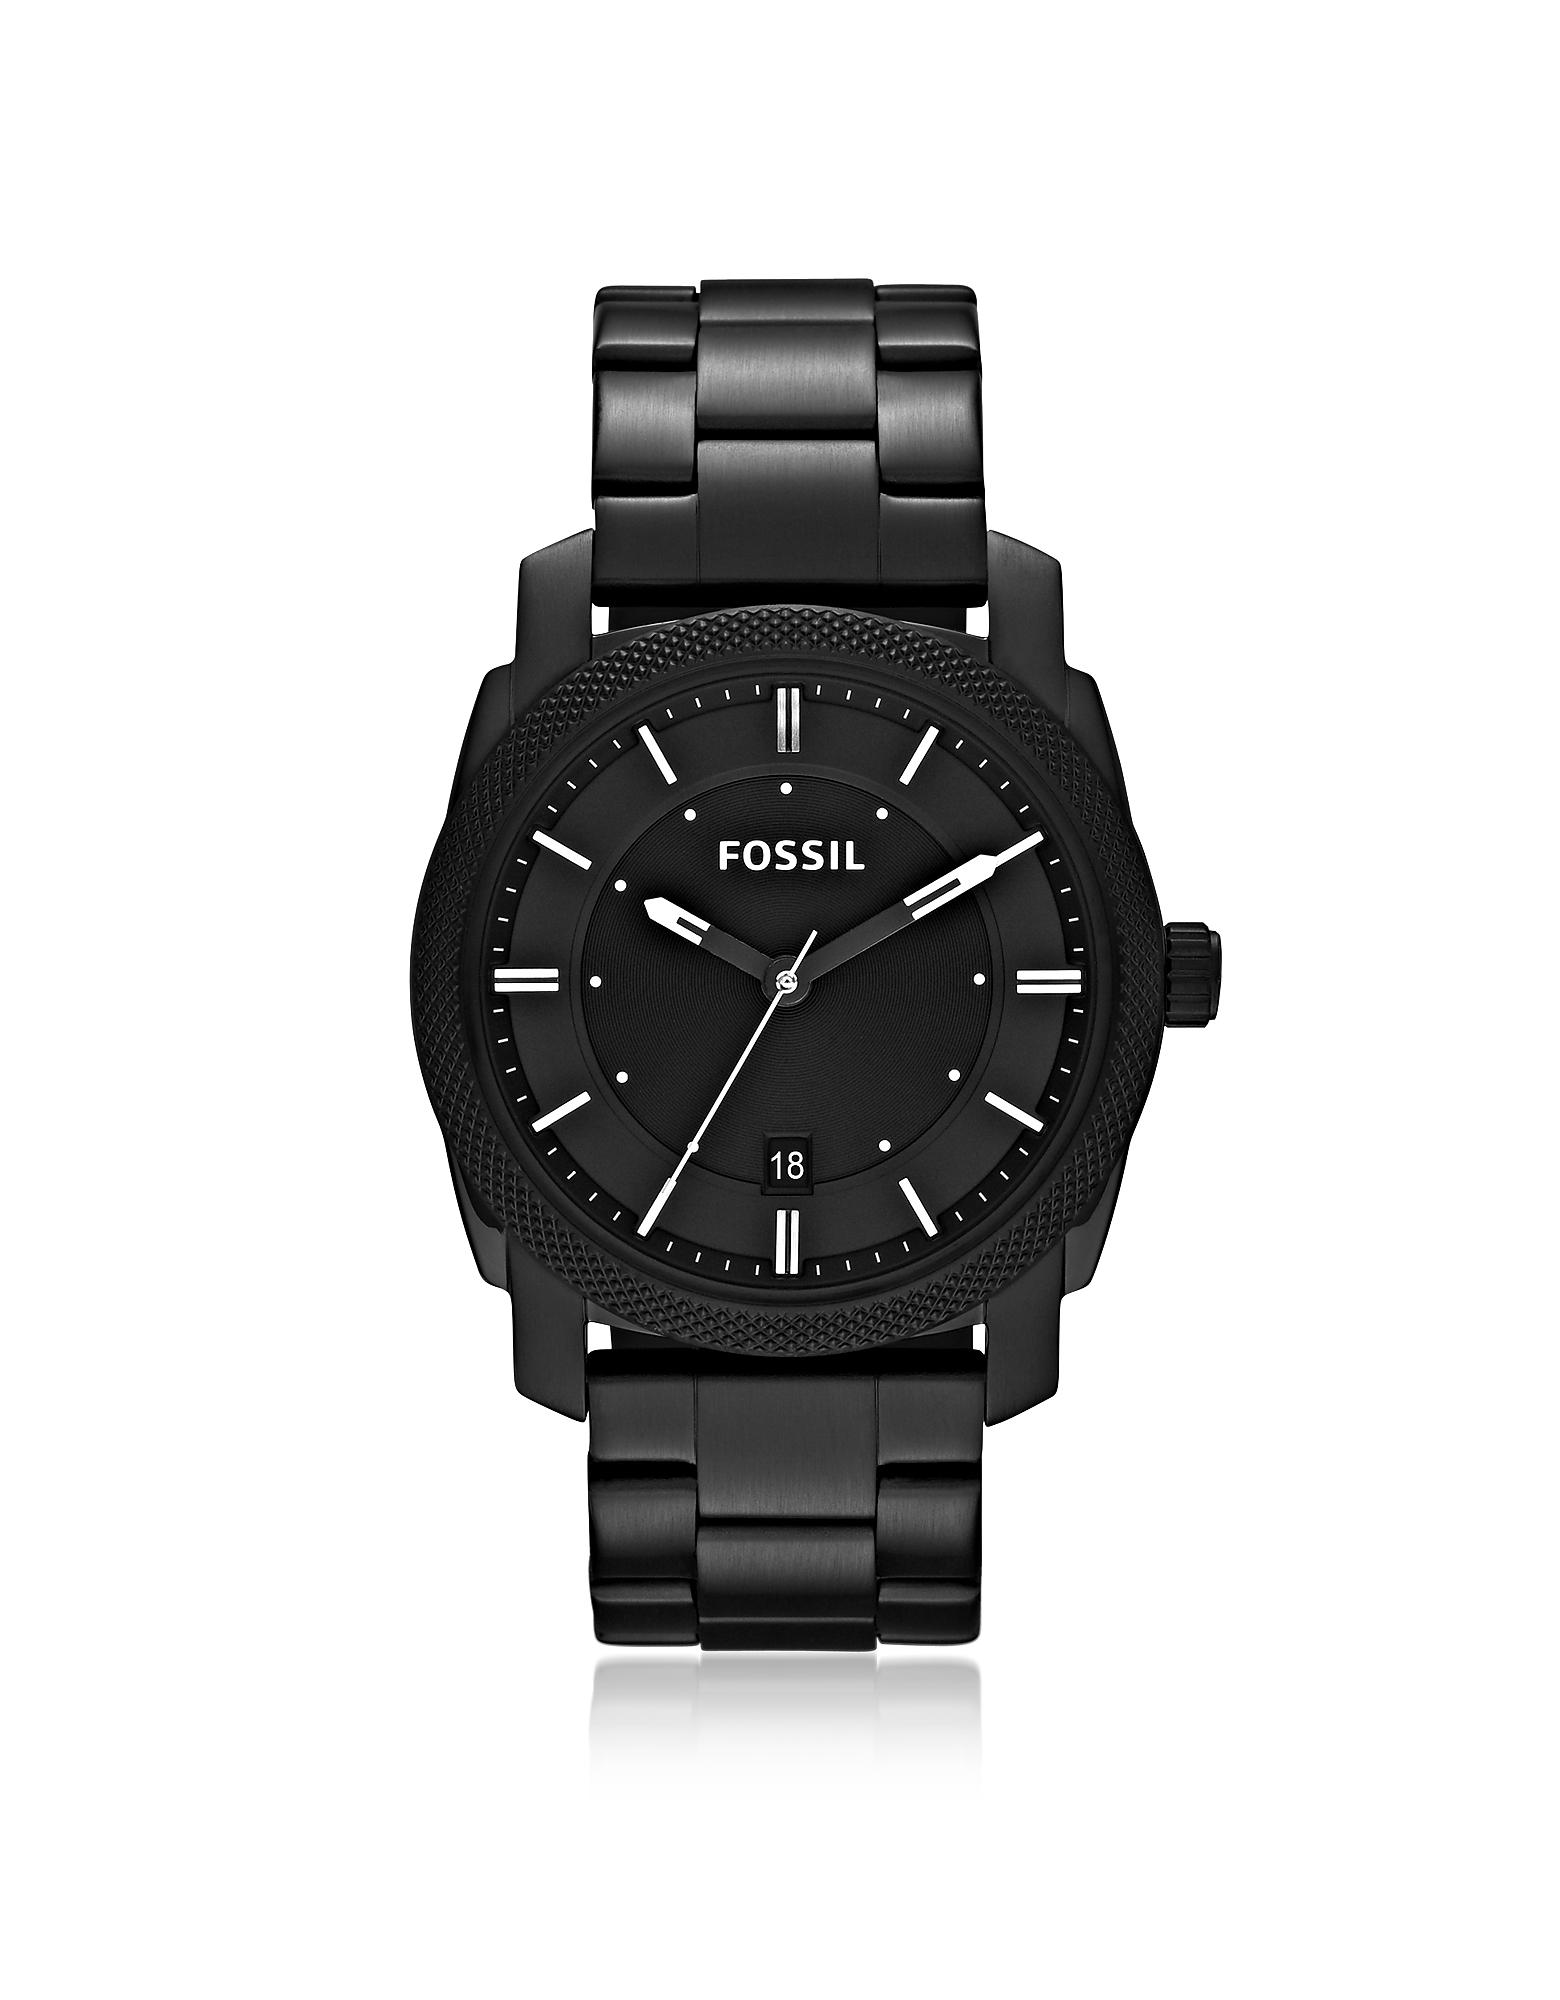 Fossil Men's Watches, Machine Black Stainless Steel Men's Watch